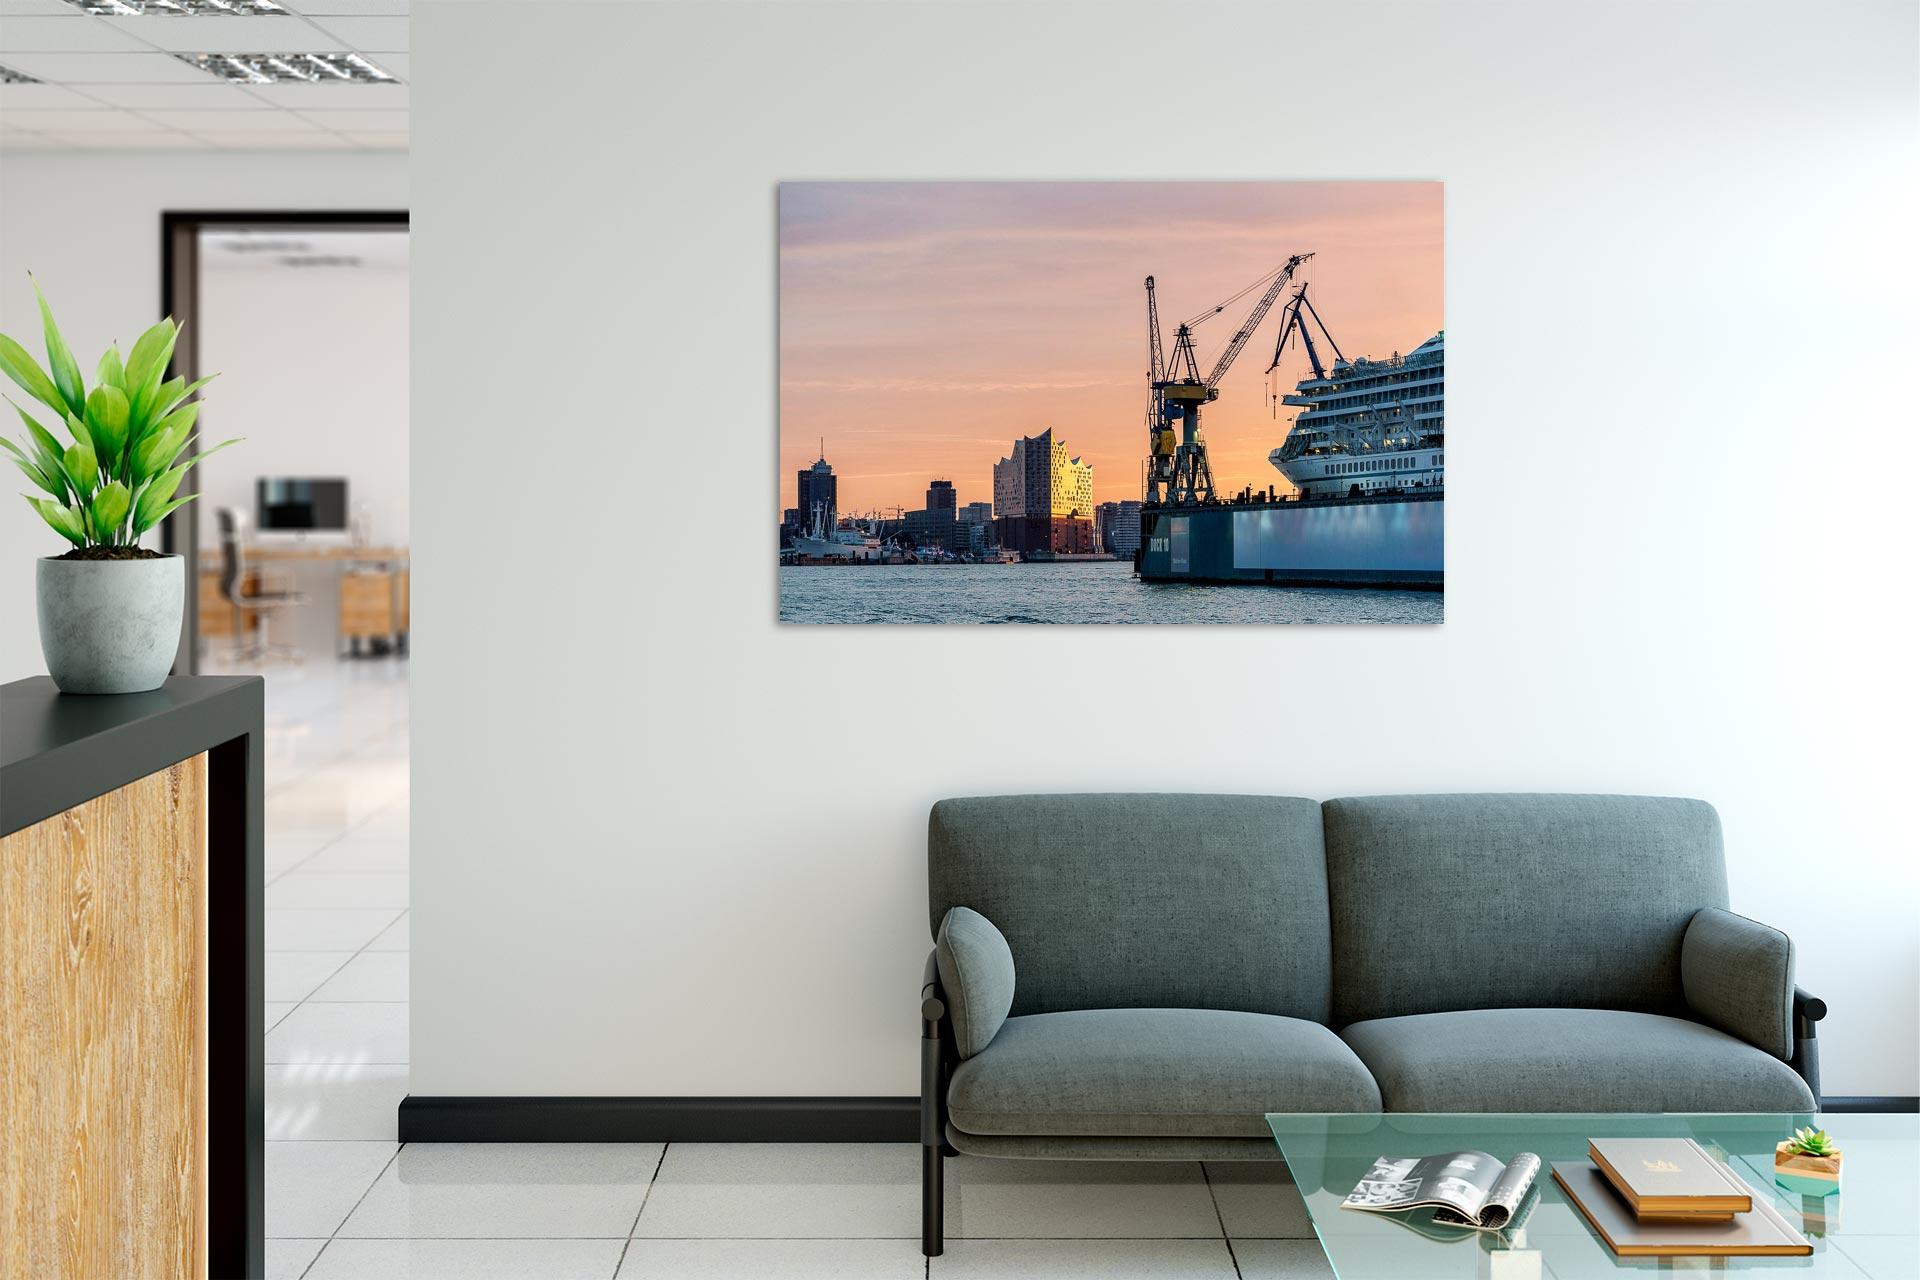 LCW256-dock-11i-hamburg-wandbild-bild-auf-leinwand-acrylglas-aludibond-empfang